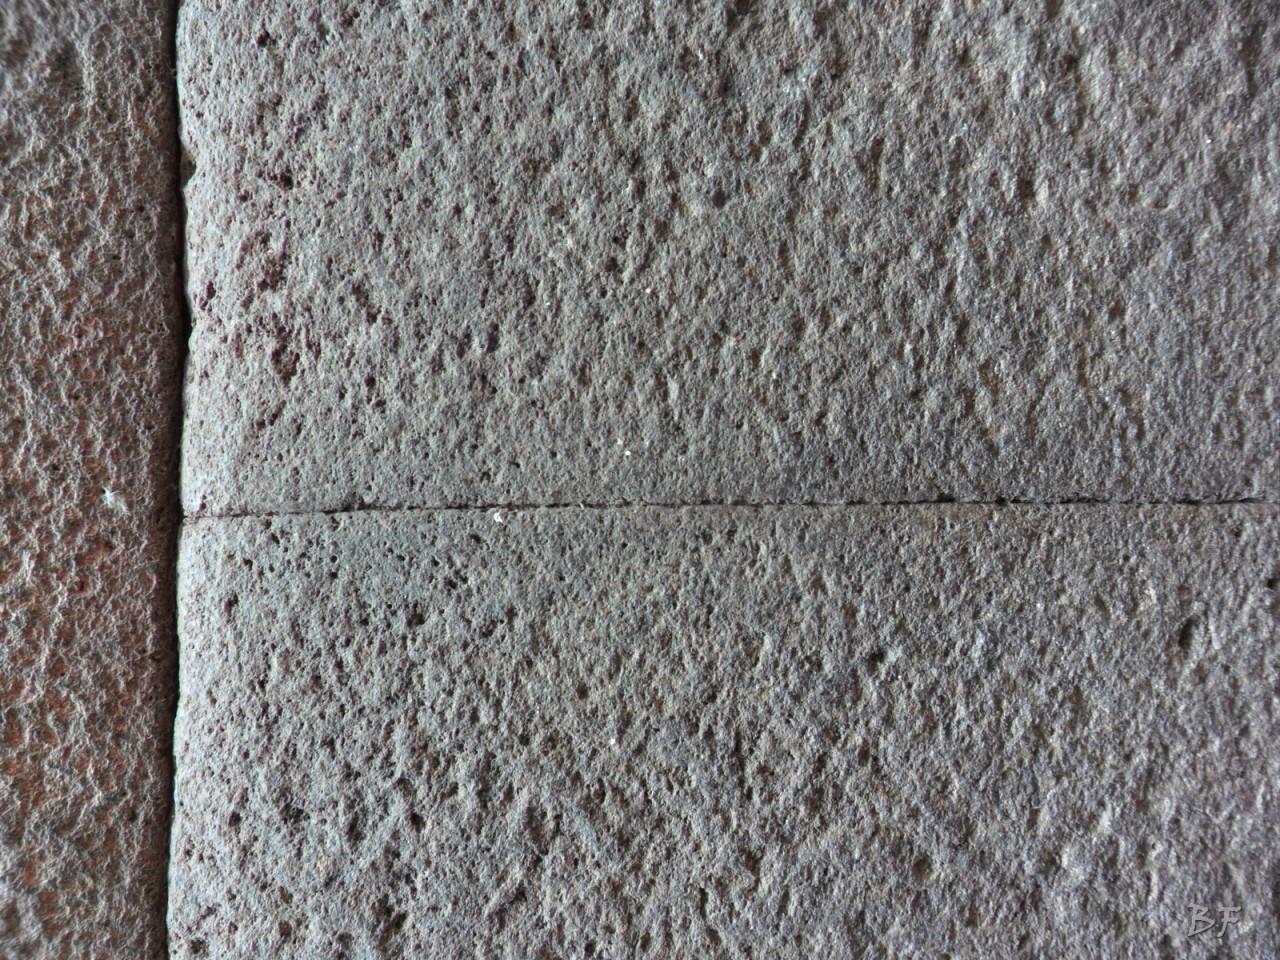 Mura-Poligonali-Megaliti-Cusco-Perù-43